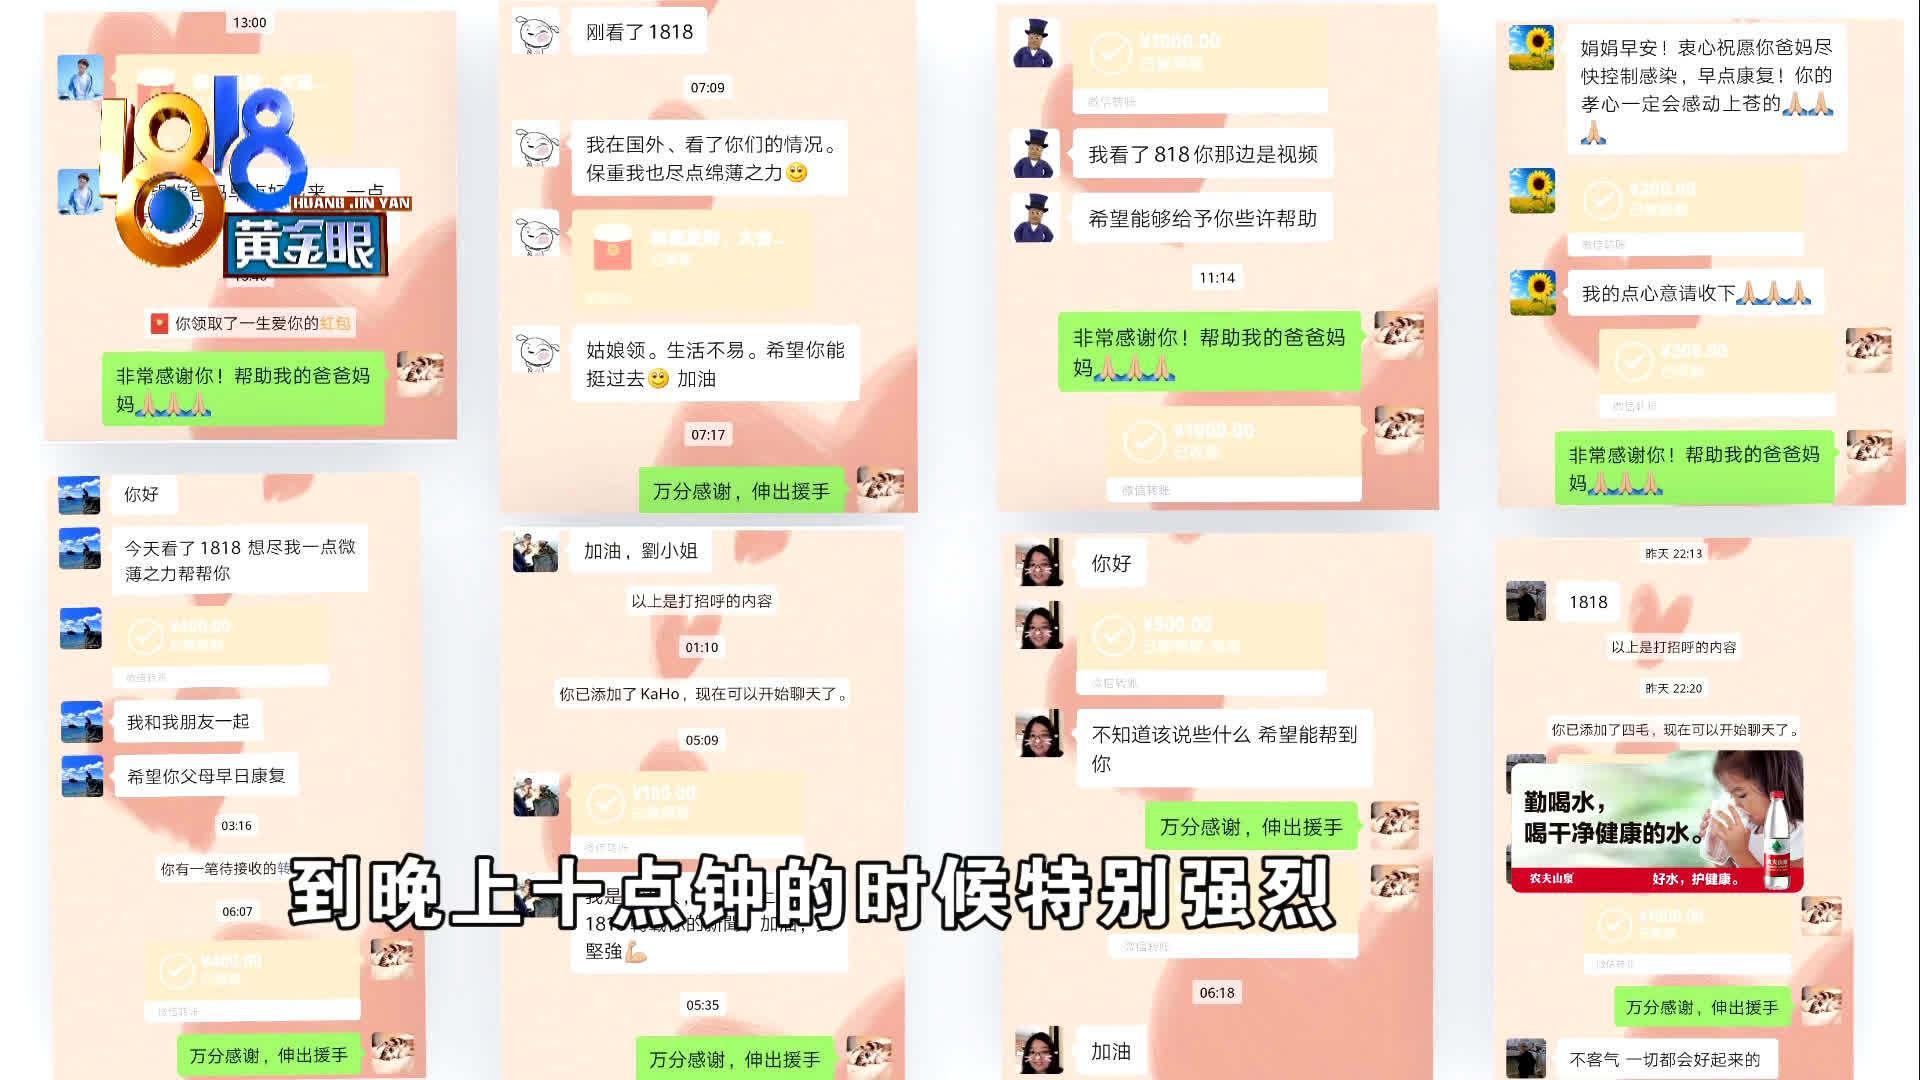 后续报道:煤气爆燃父母重伤 众多网友鼓励刘女士